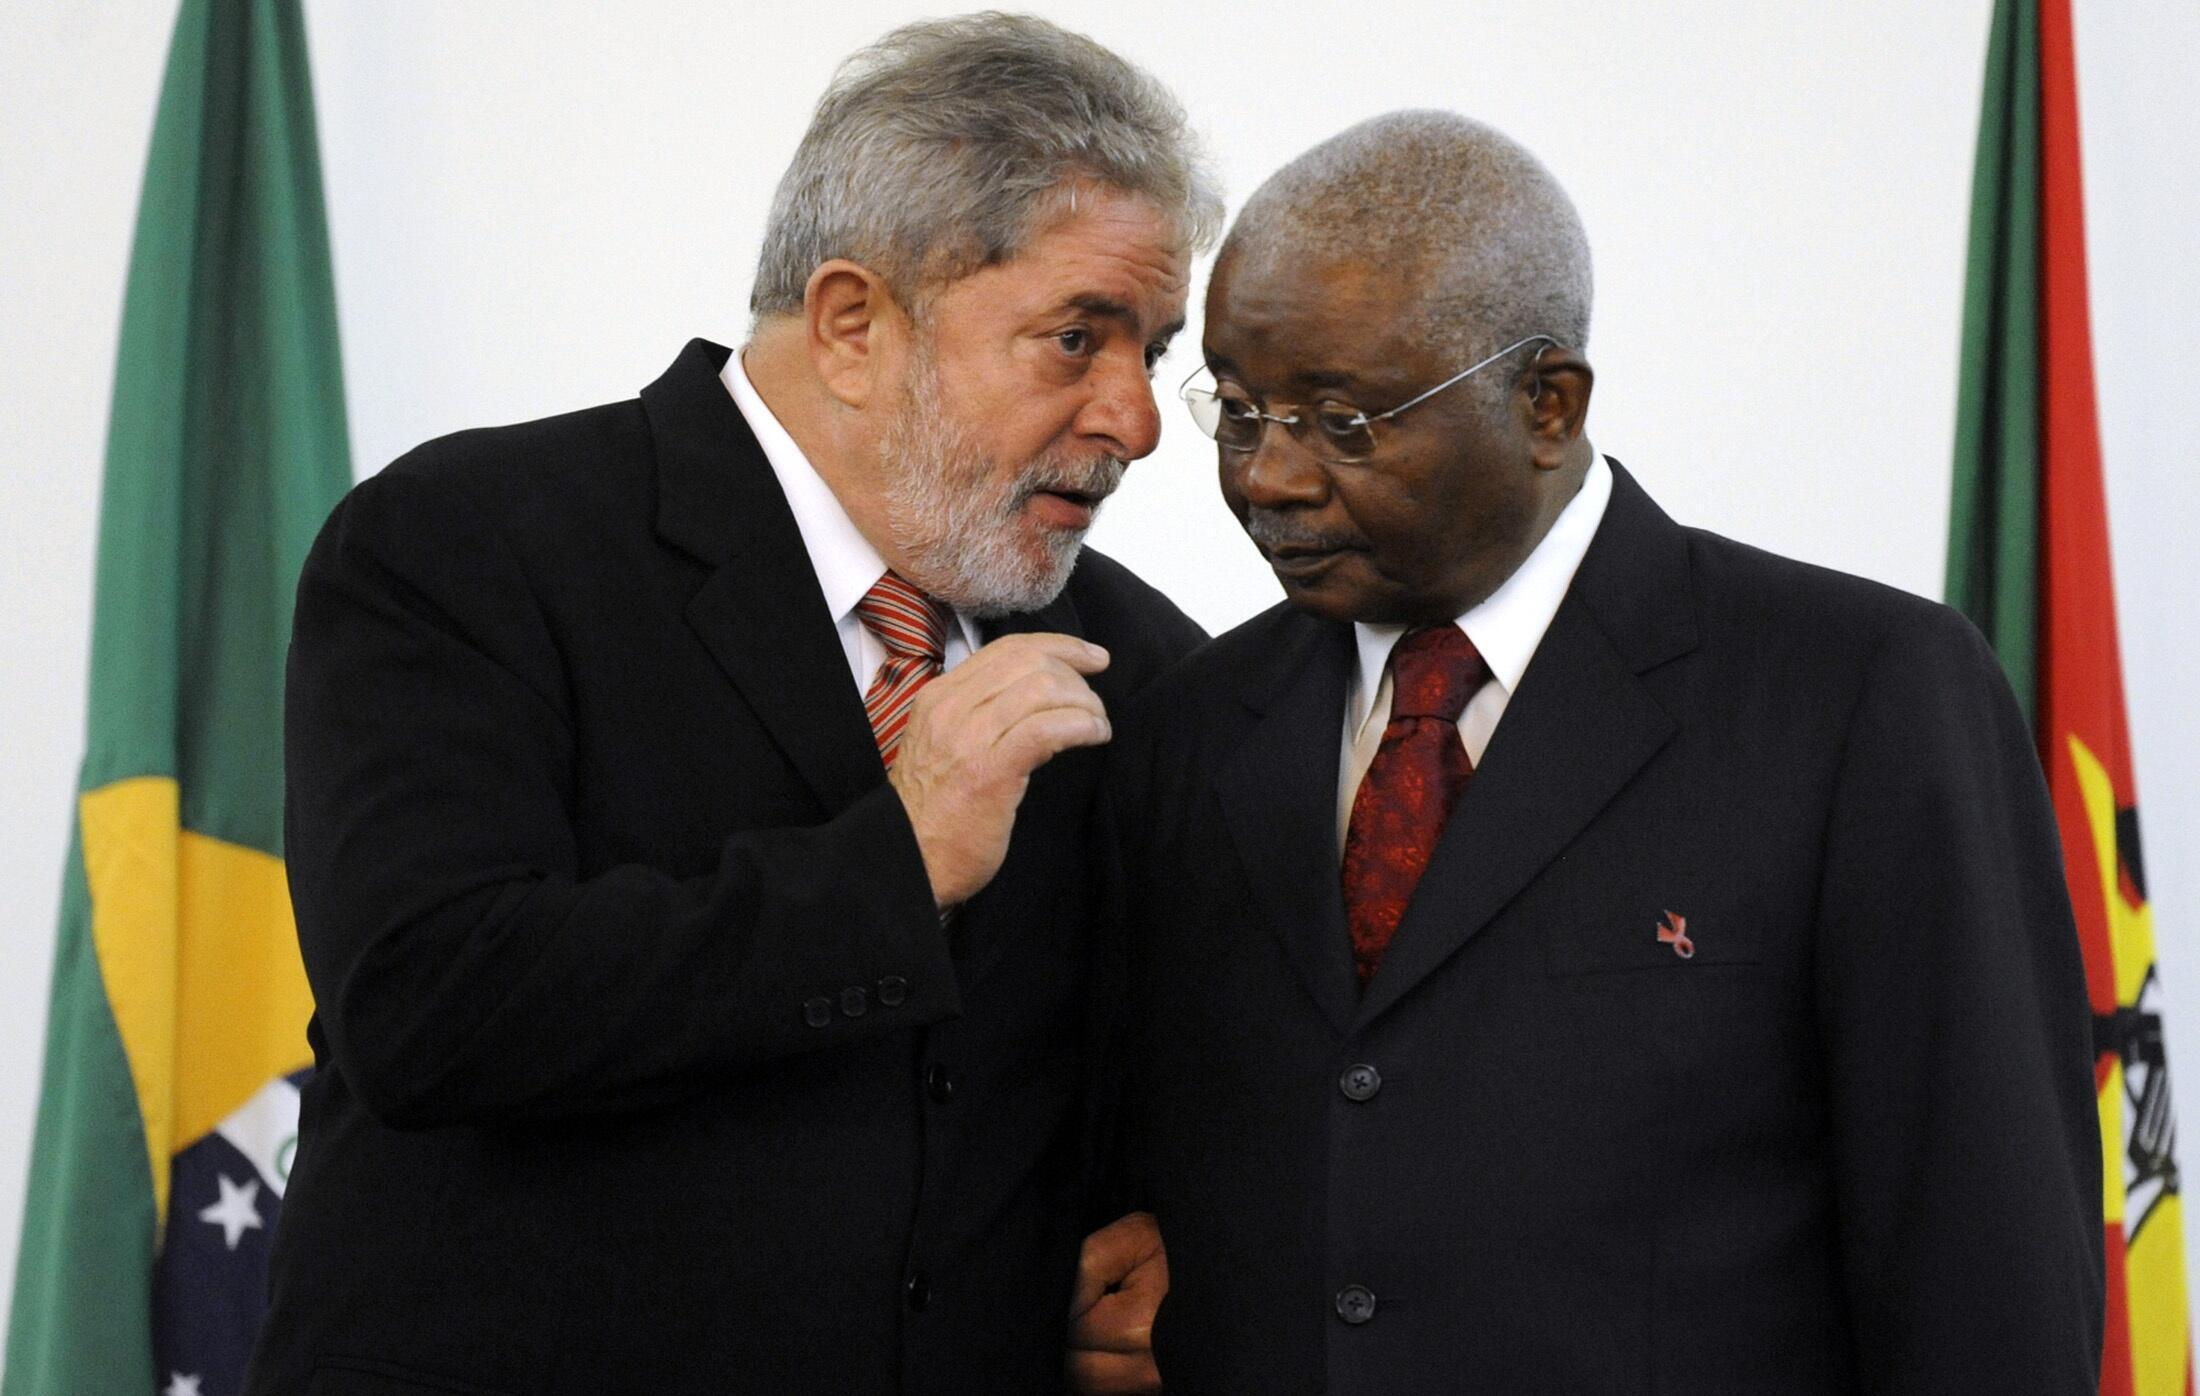 O Presidente Luiz Inácio Lula da Silva foi recebido pelo Presidente da República de Moçambique, Armando Emílio Guebuza na sua última visita oficial a Africa.